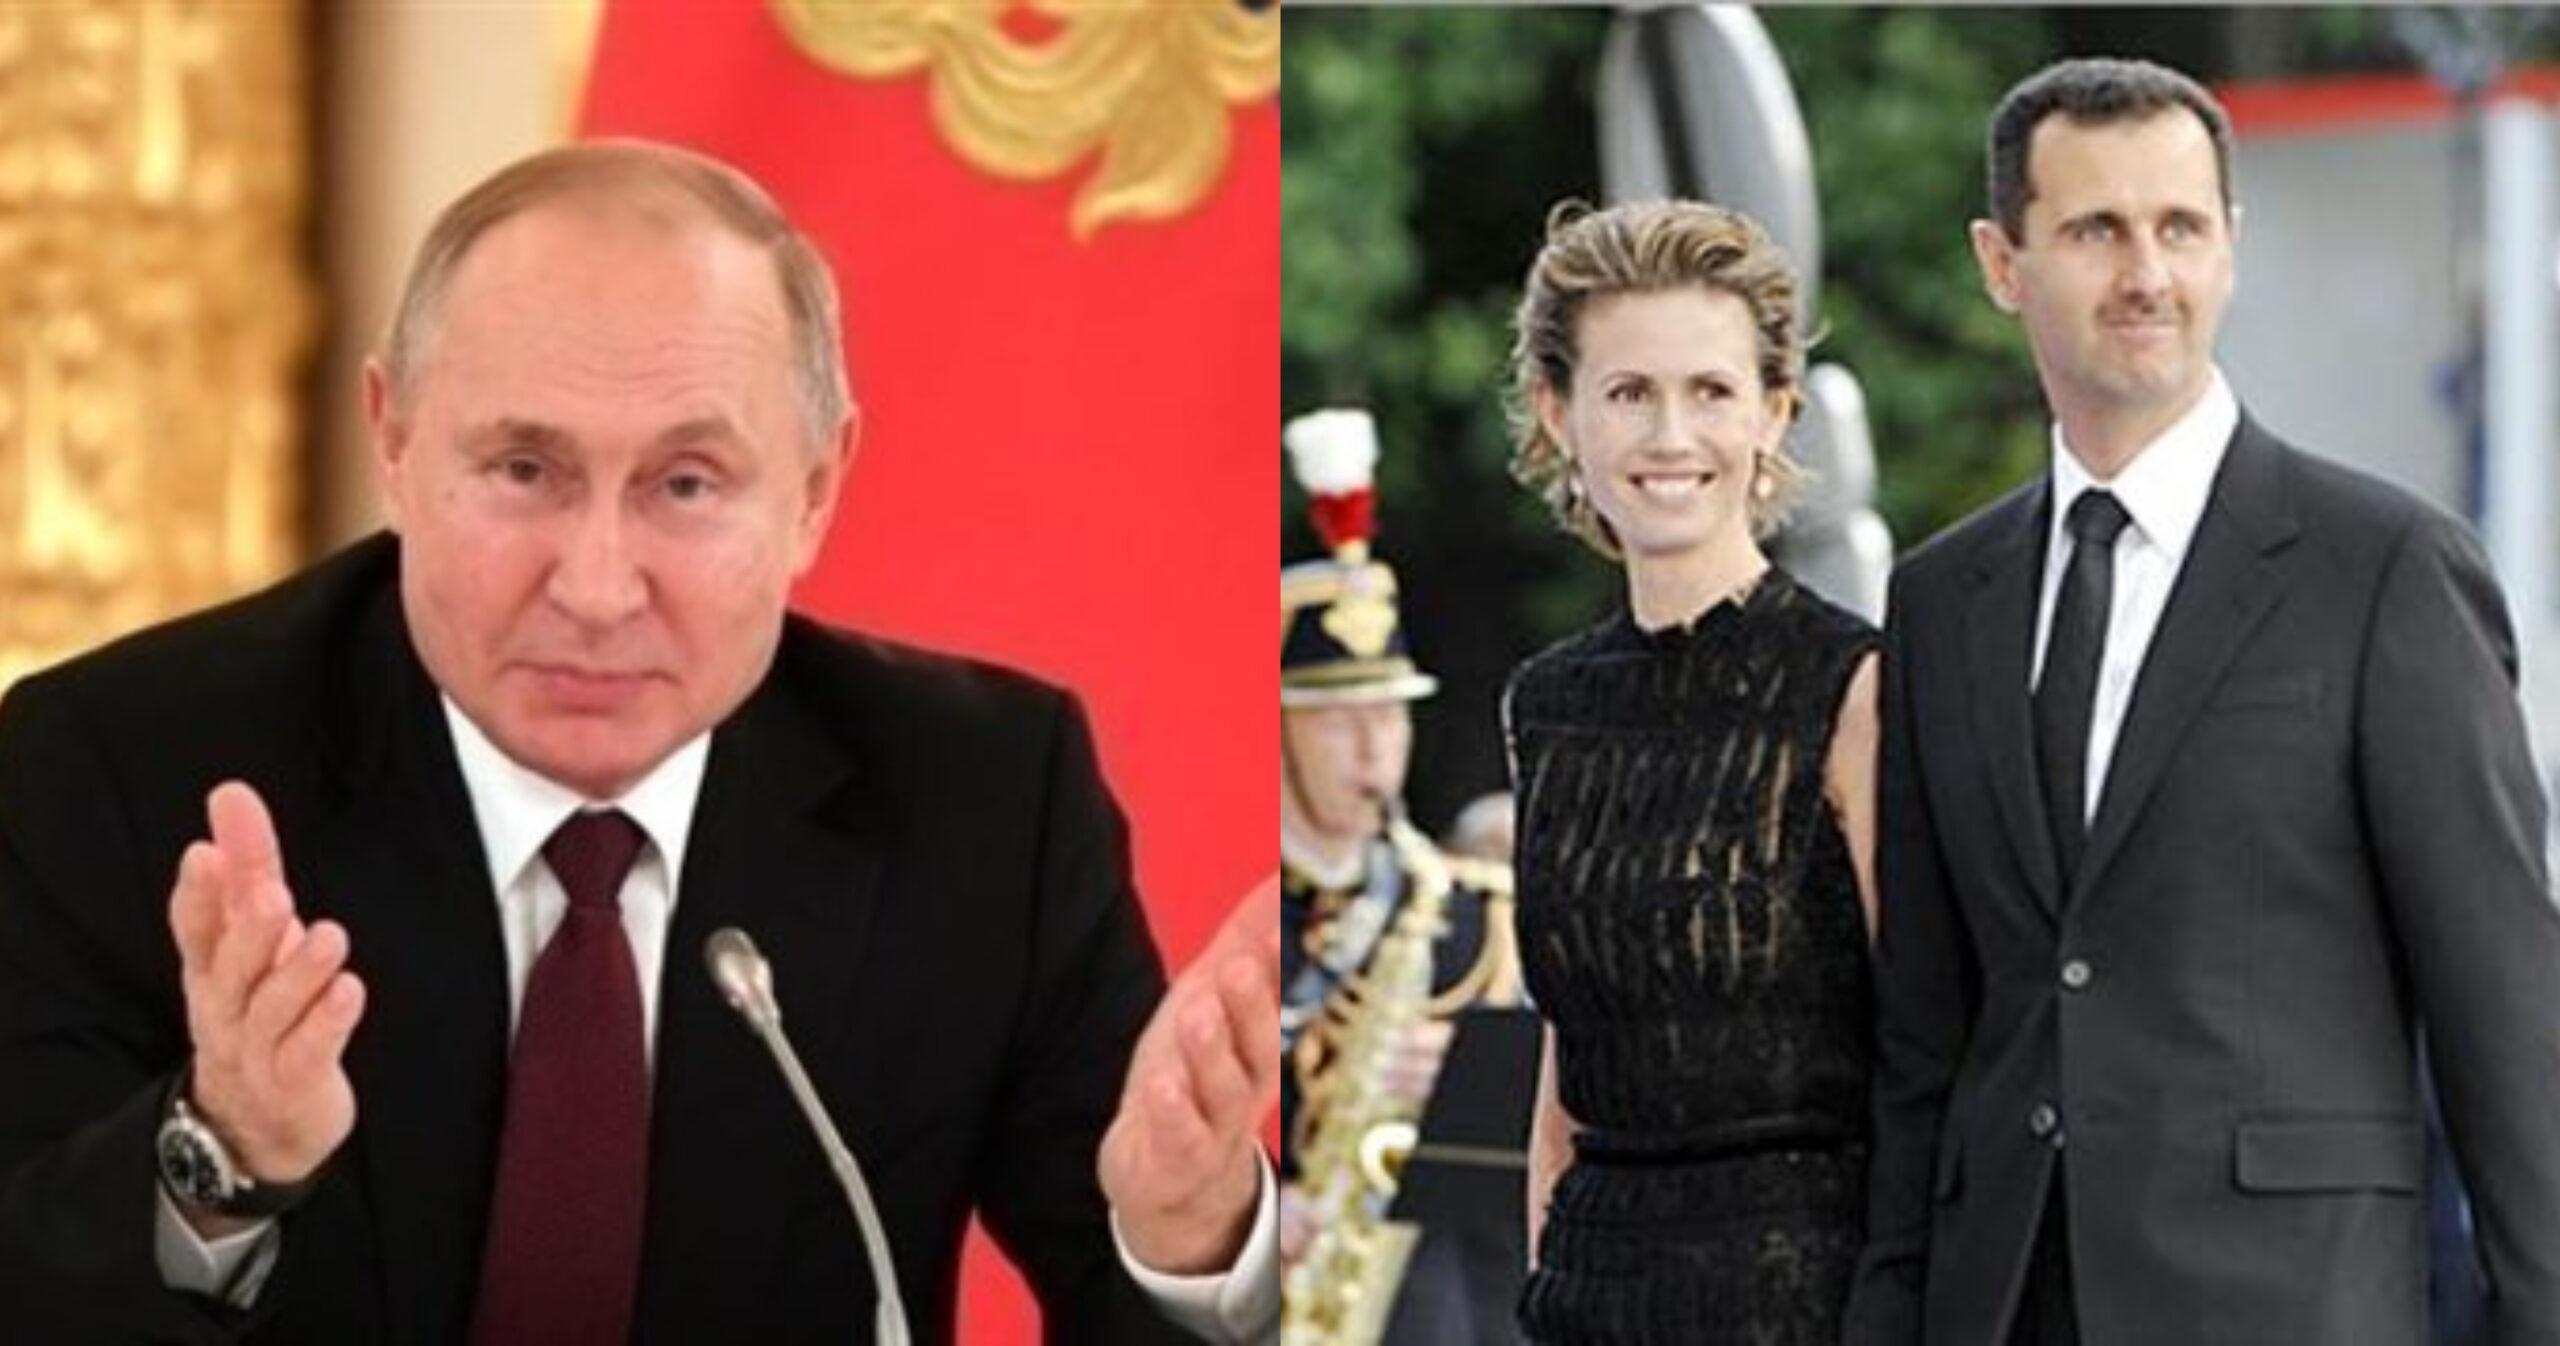 أسماء الأسد رئيسة سوريا مع بوتين وبشار